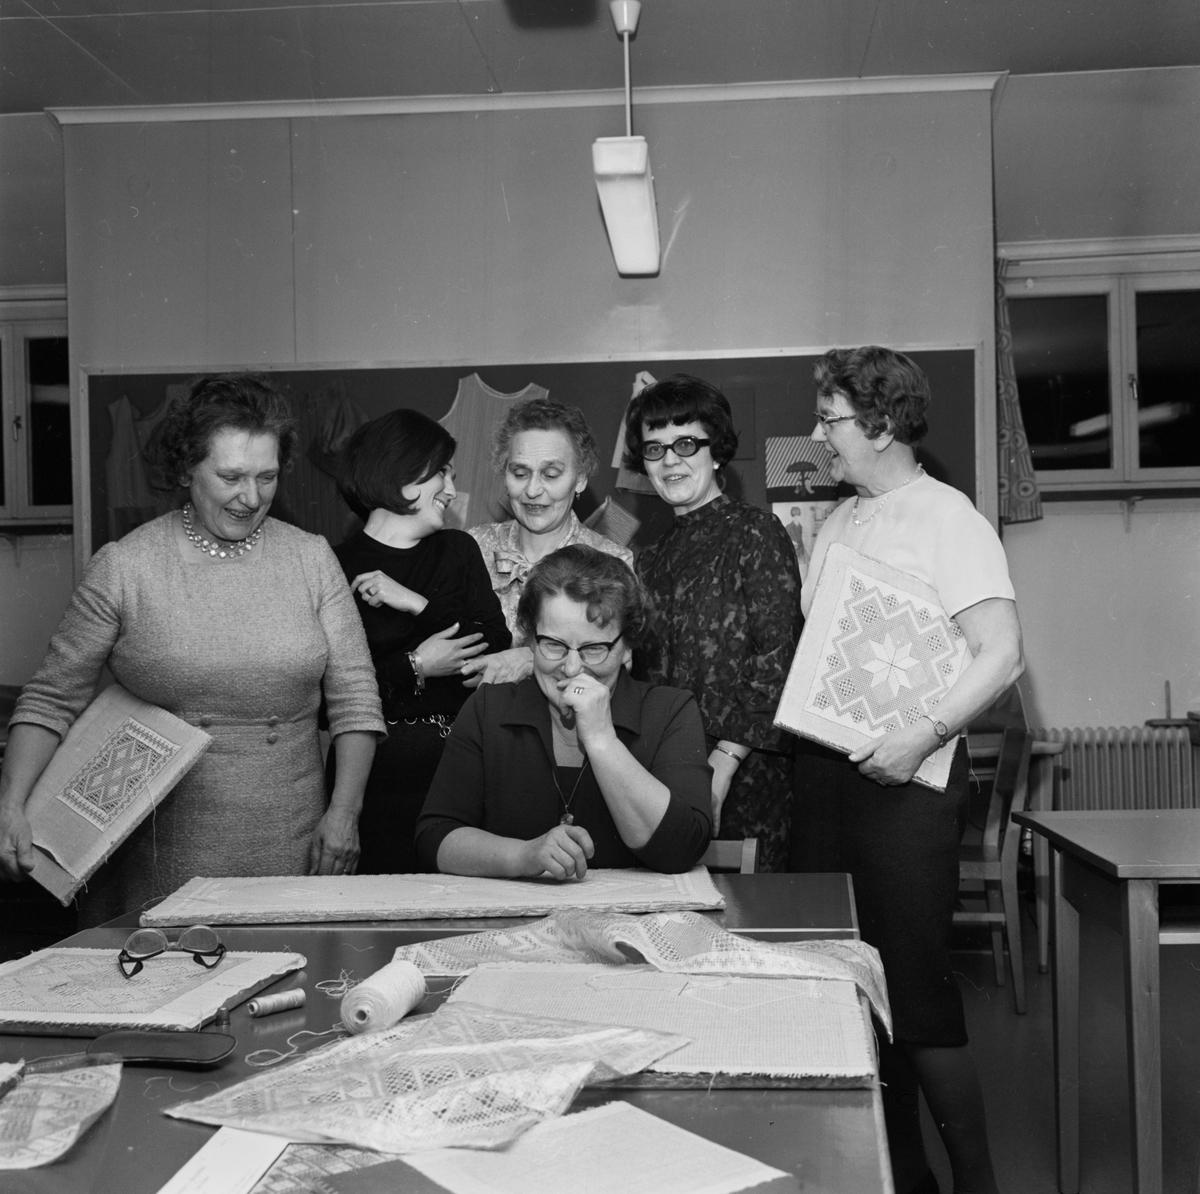 """""""Näversöm roligt hobbyarbete"""" - textillärare Ingela Olofsson med kursdeltagare i ABF:s studiecirkel, Tierp, Uppland mars 1968"""